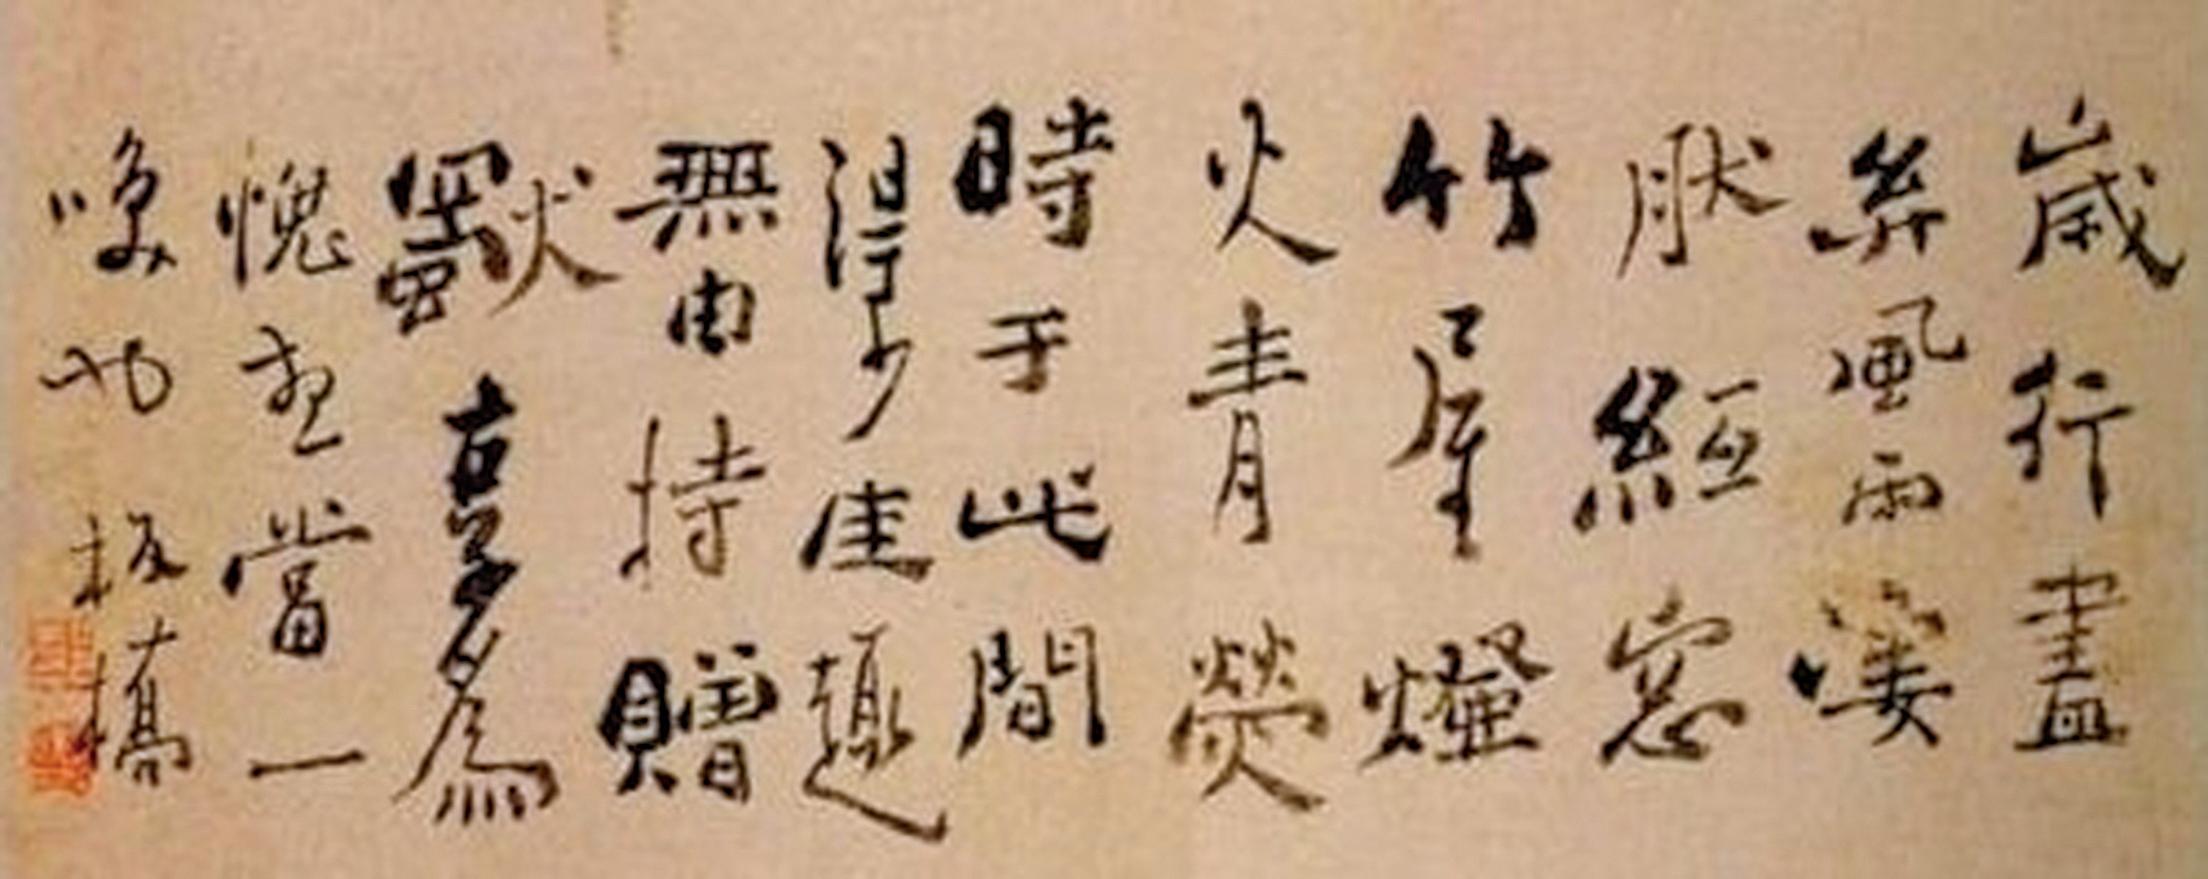 胡圖先生對明清書法,尤其是金農、鄭板橋的書法有較深層的研究和獨創的藝術見解(網絡圖片)